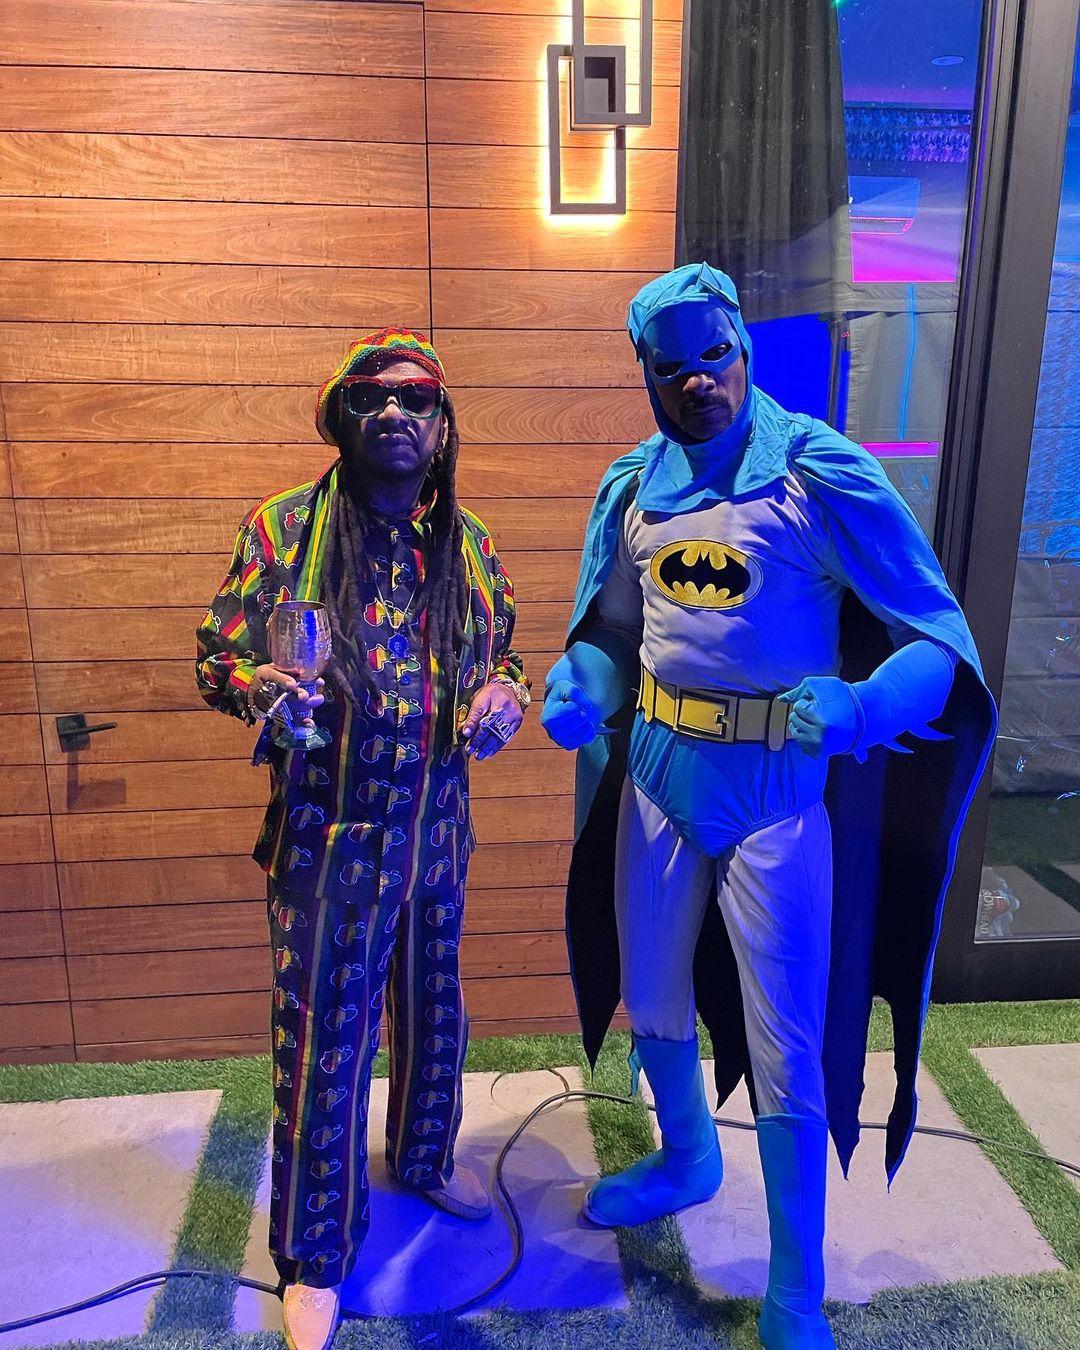 Beanie man and. Batman @thedonjuanshow As beanie